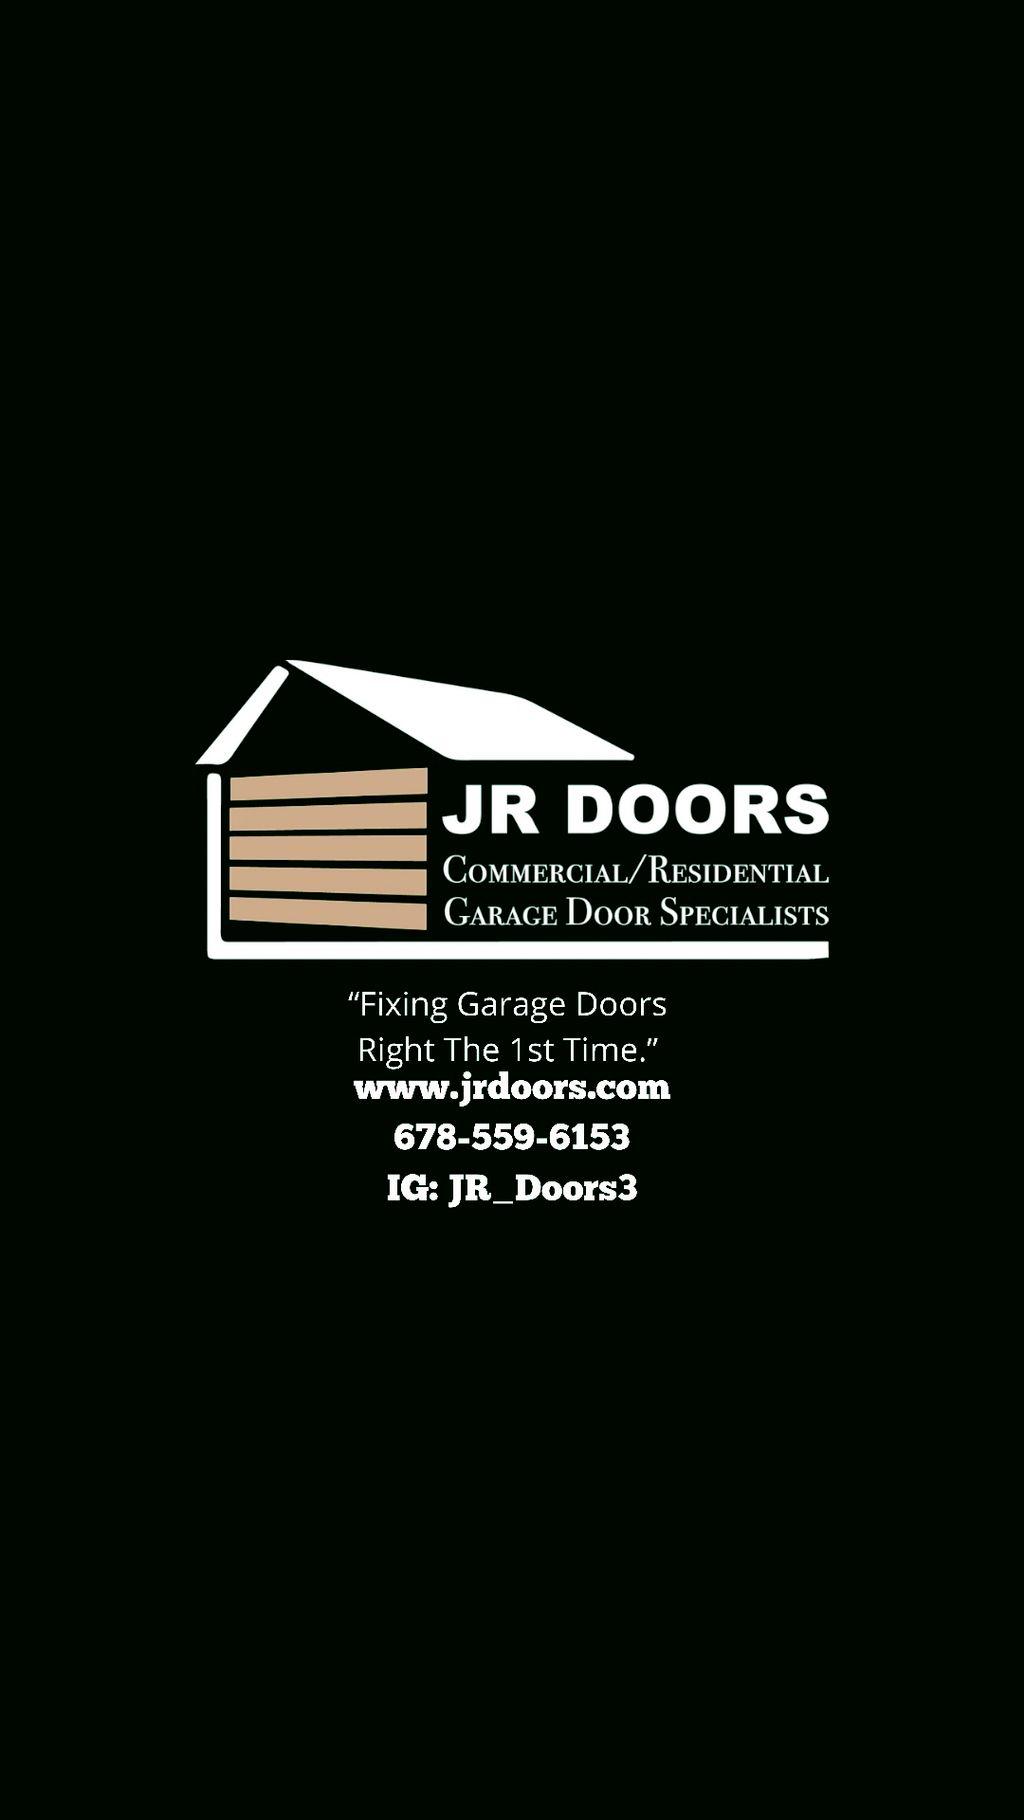 JR Doors